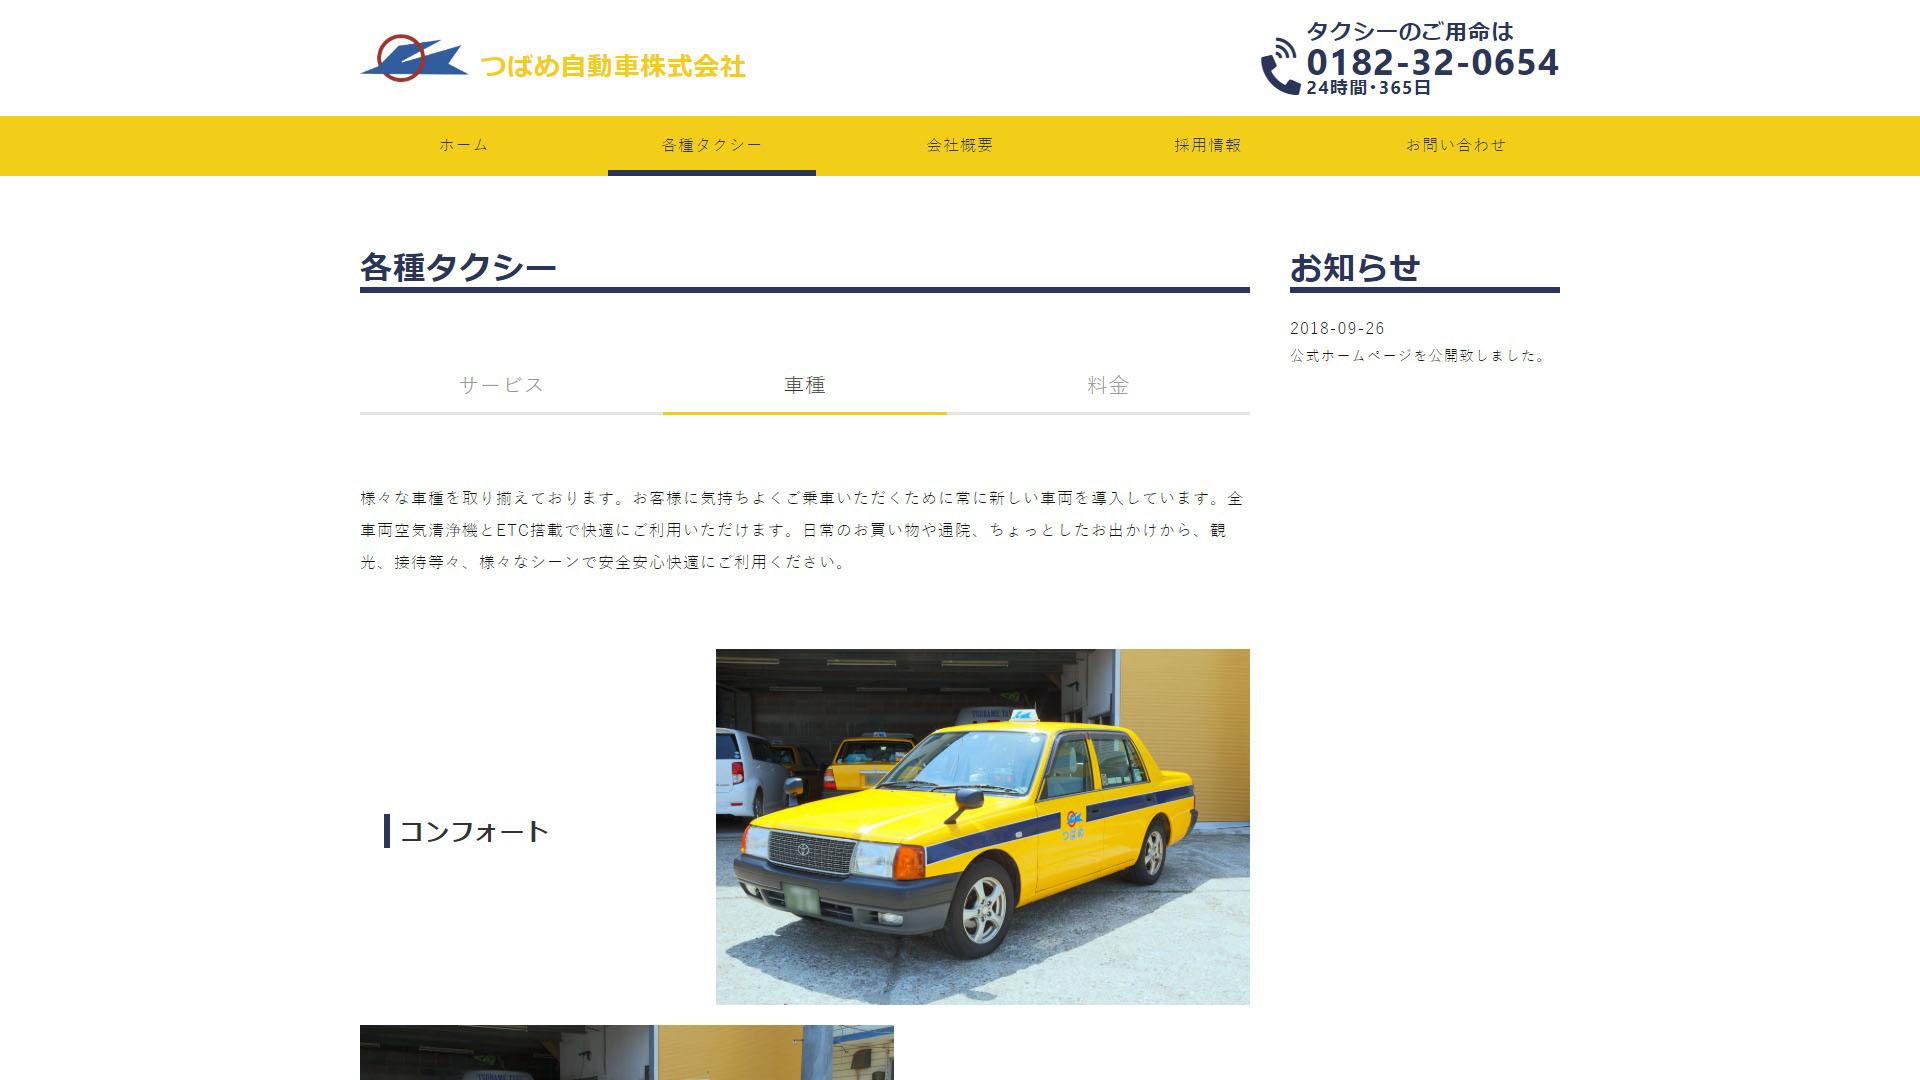 つばめ自動車PCのイメージ